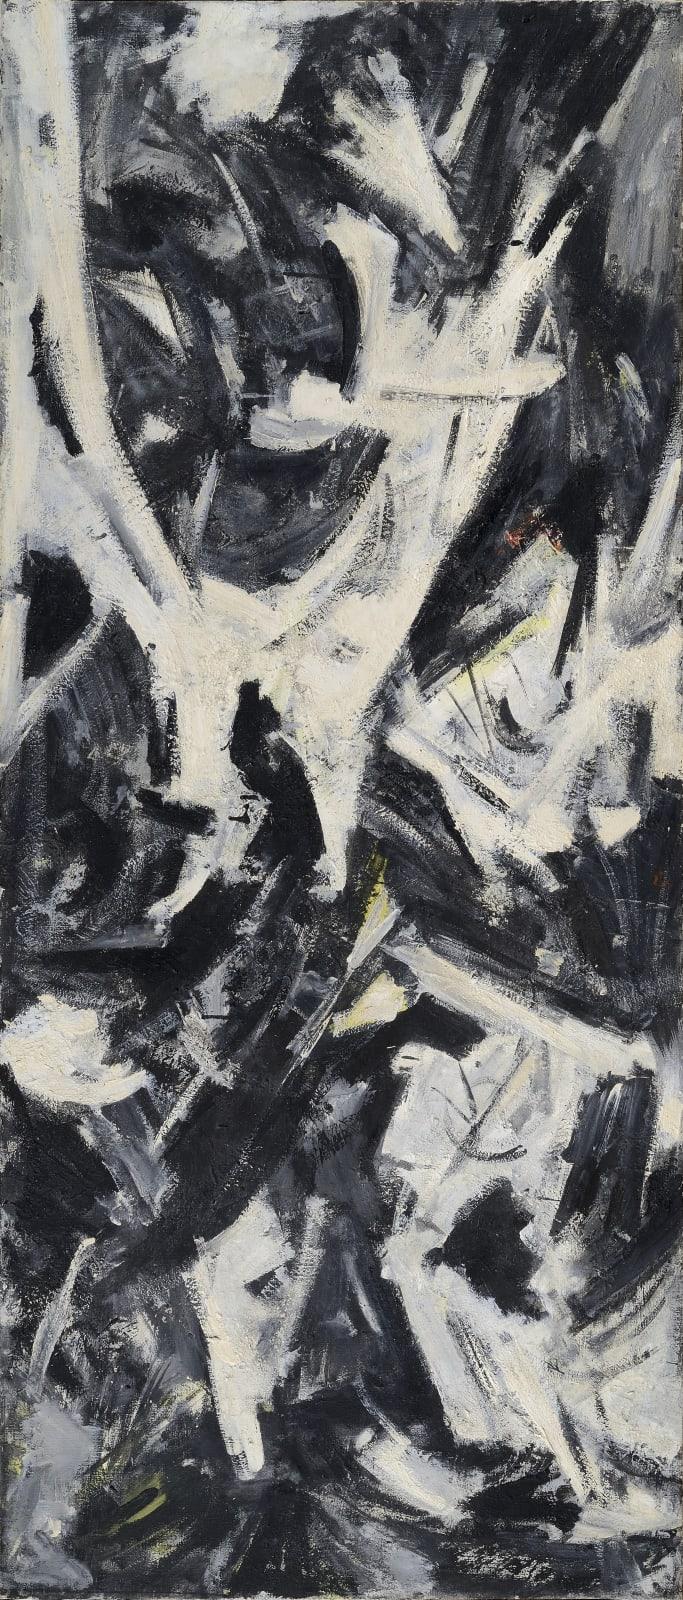 Emilio Vedova Immagine del tempo, 1957